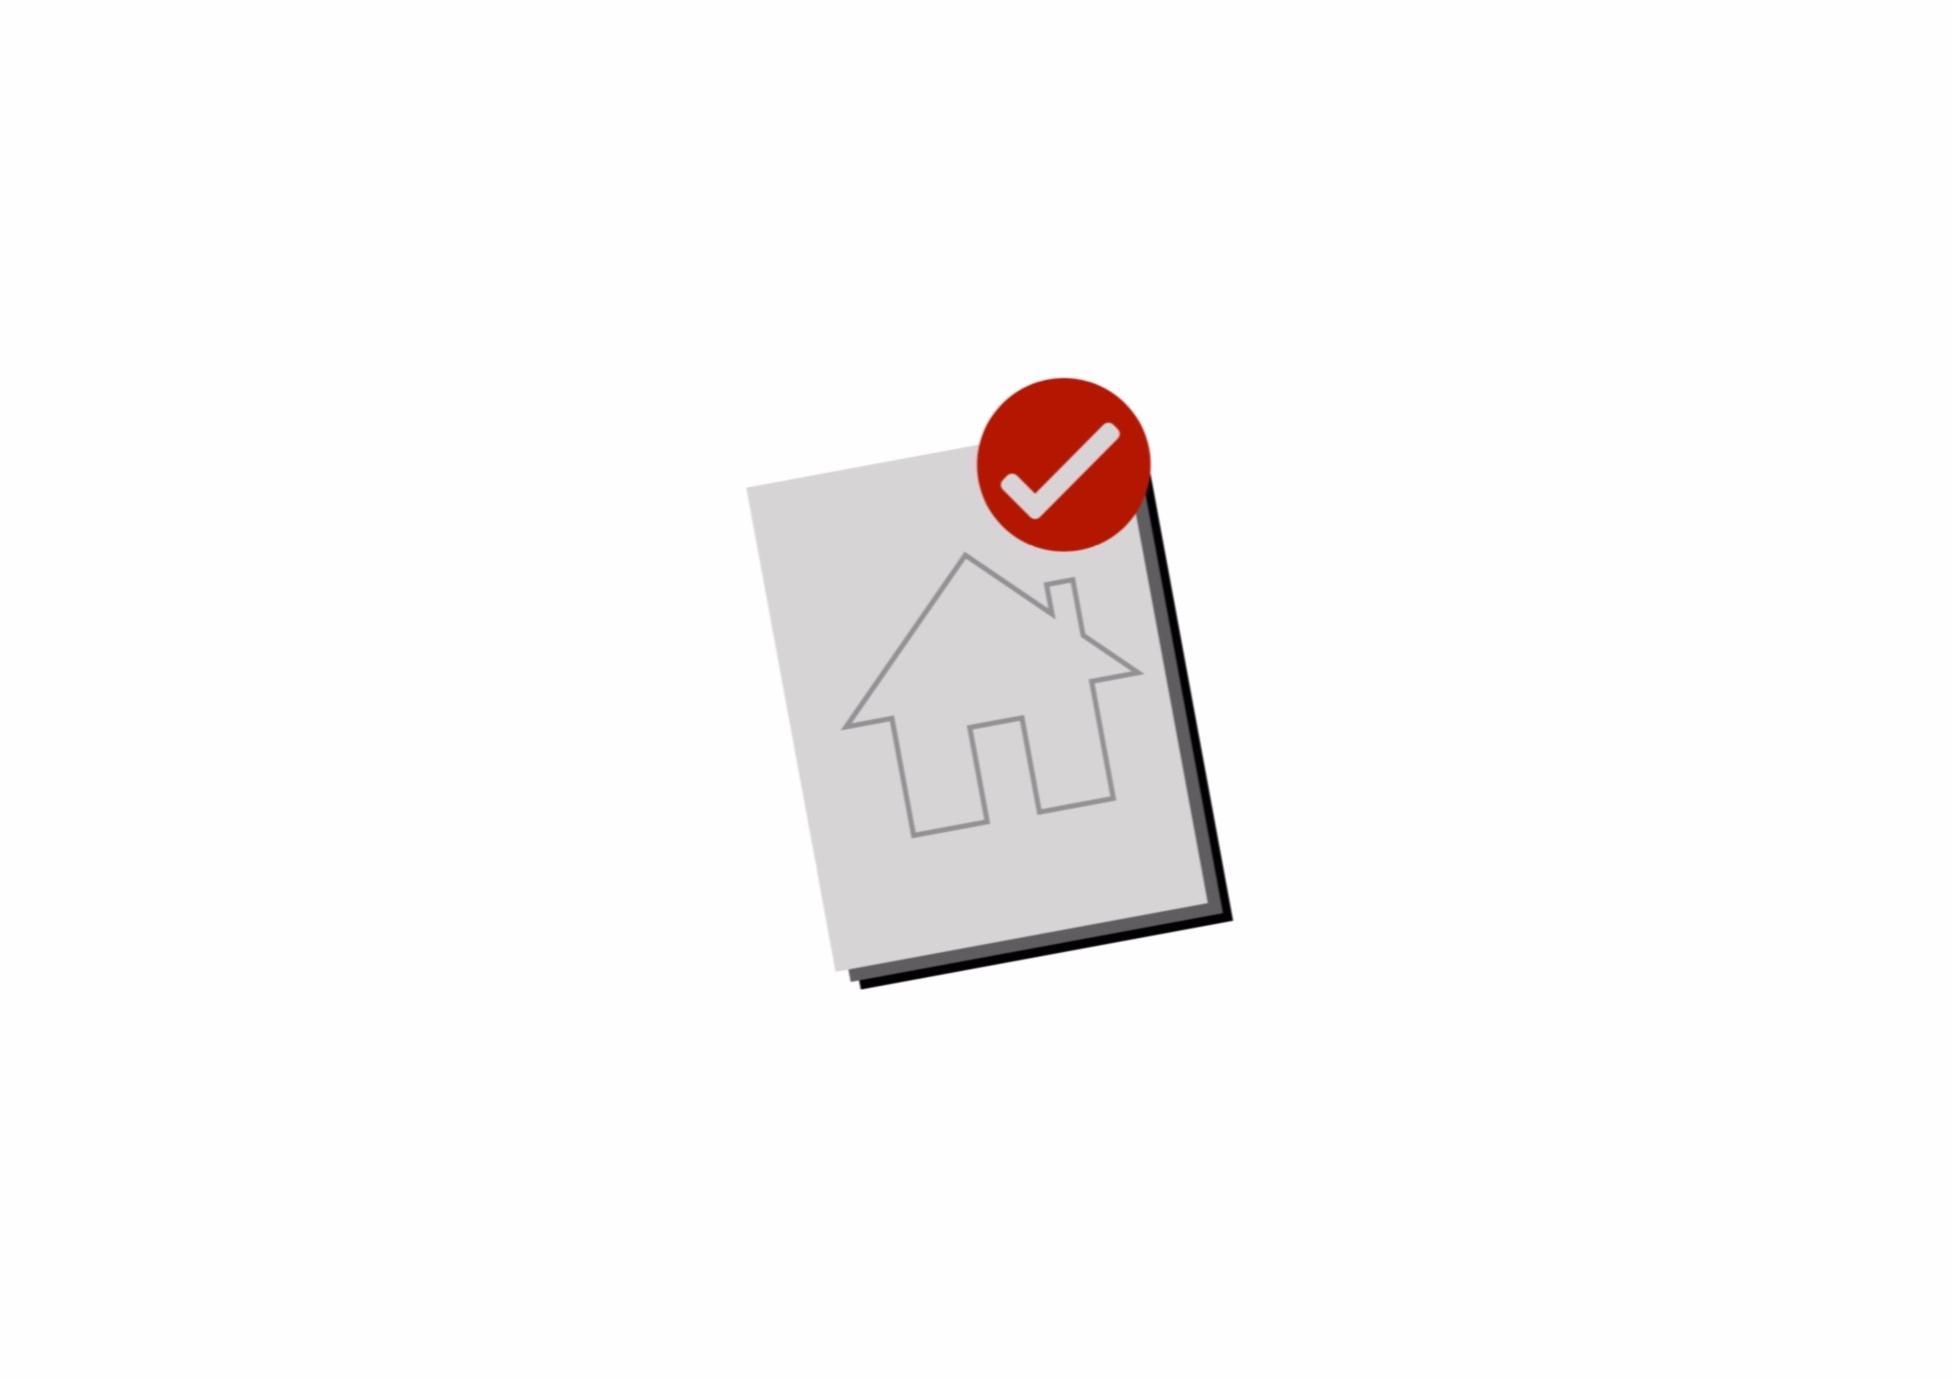 4. Genehmigungsplanung - Erarbeiten und Einreichen der Vorlagen für die erforderlichen Genehmigungen und Zustimmungen.